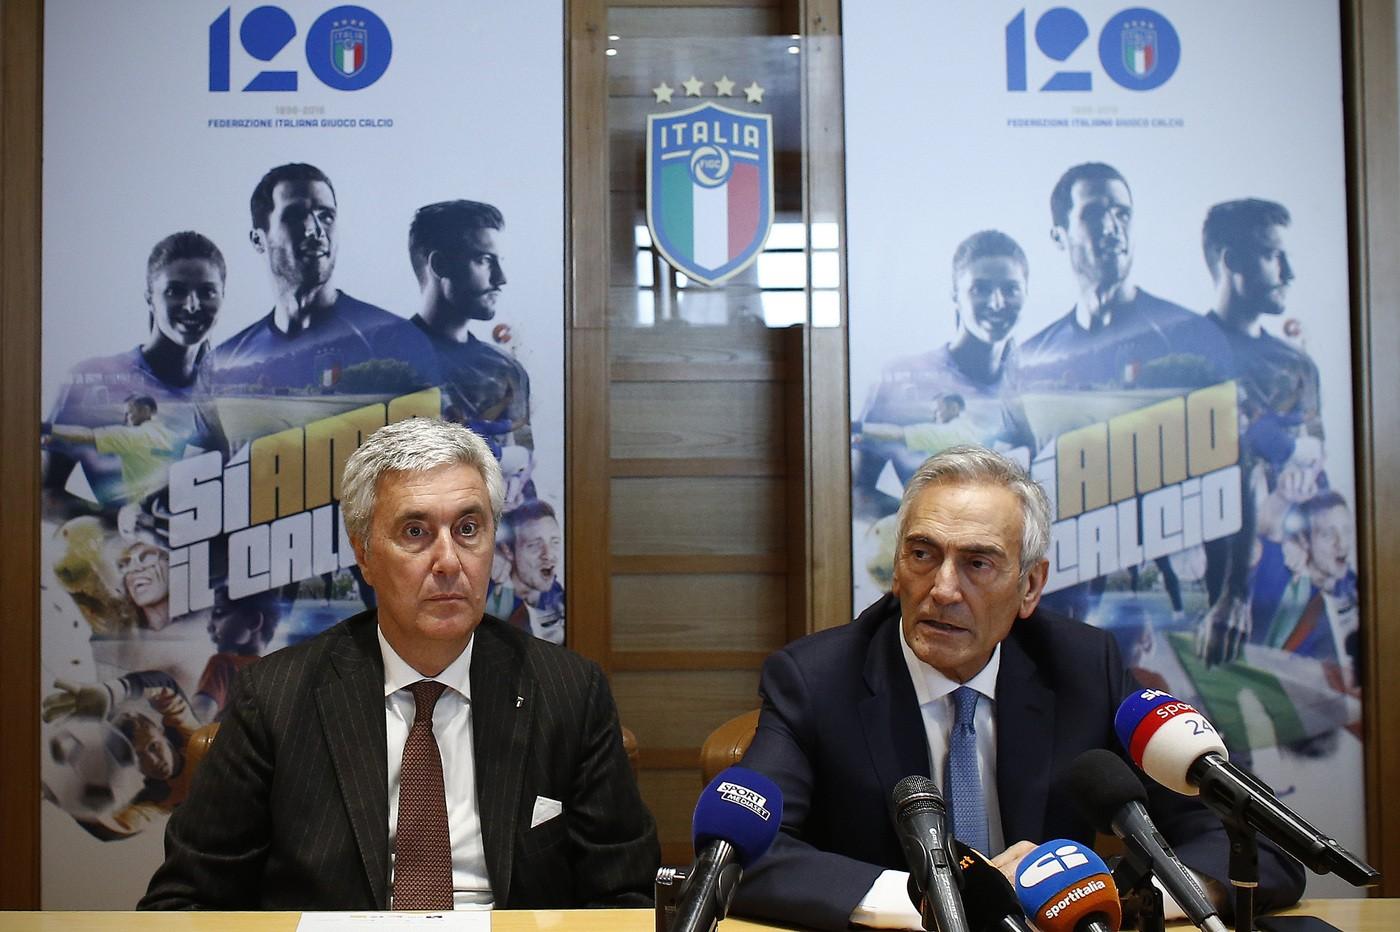 Vincenzo Livieri/LaPresse